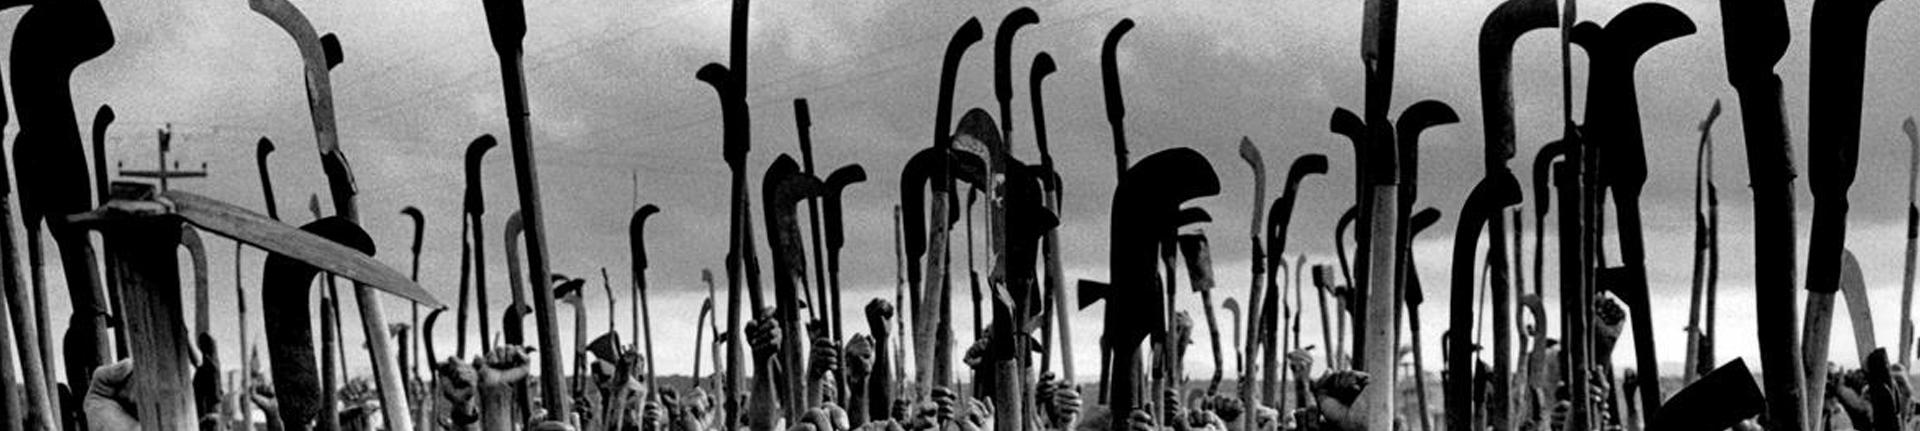 Exposição Êxodos de Sebastião Salgado em Curitiba